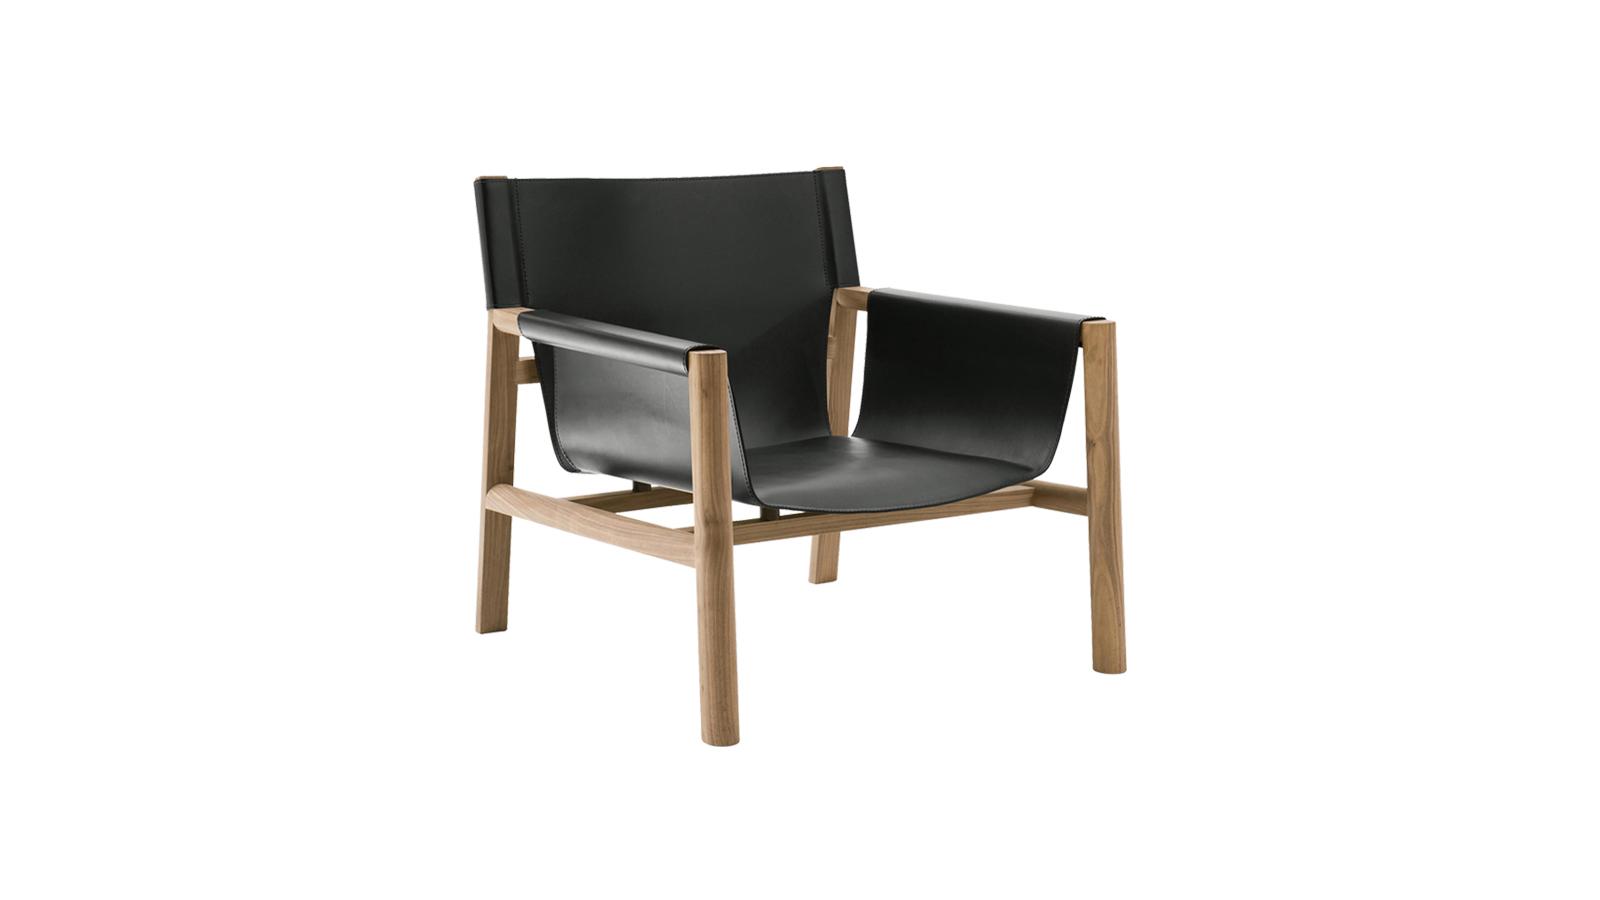 A B&B italia bemutatja a Pablo széket, amely a lágyság és keménység kontrasztjából született meg. Habár a favázra felfüggesztett kettős bőrréteg masszív és időtálló, az anyag alkalmazkodóképességének és precíz megmunkálásának hála kellemes pihenést ígér. Olyan, akár egy repülőszőnyeg – azzal a különbséggel, hogy nem mágia, hanem a legmagasabb szintű szakmai tudás teszi varázslatossá.